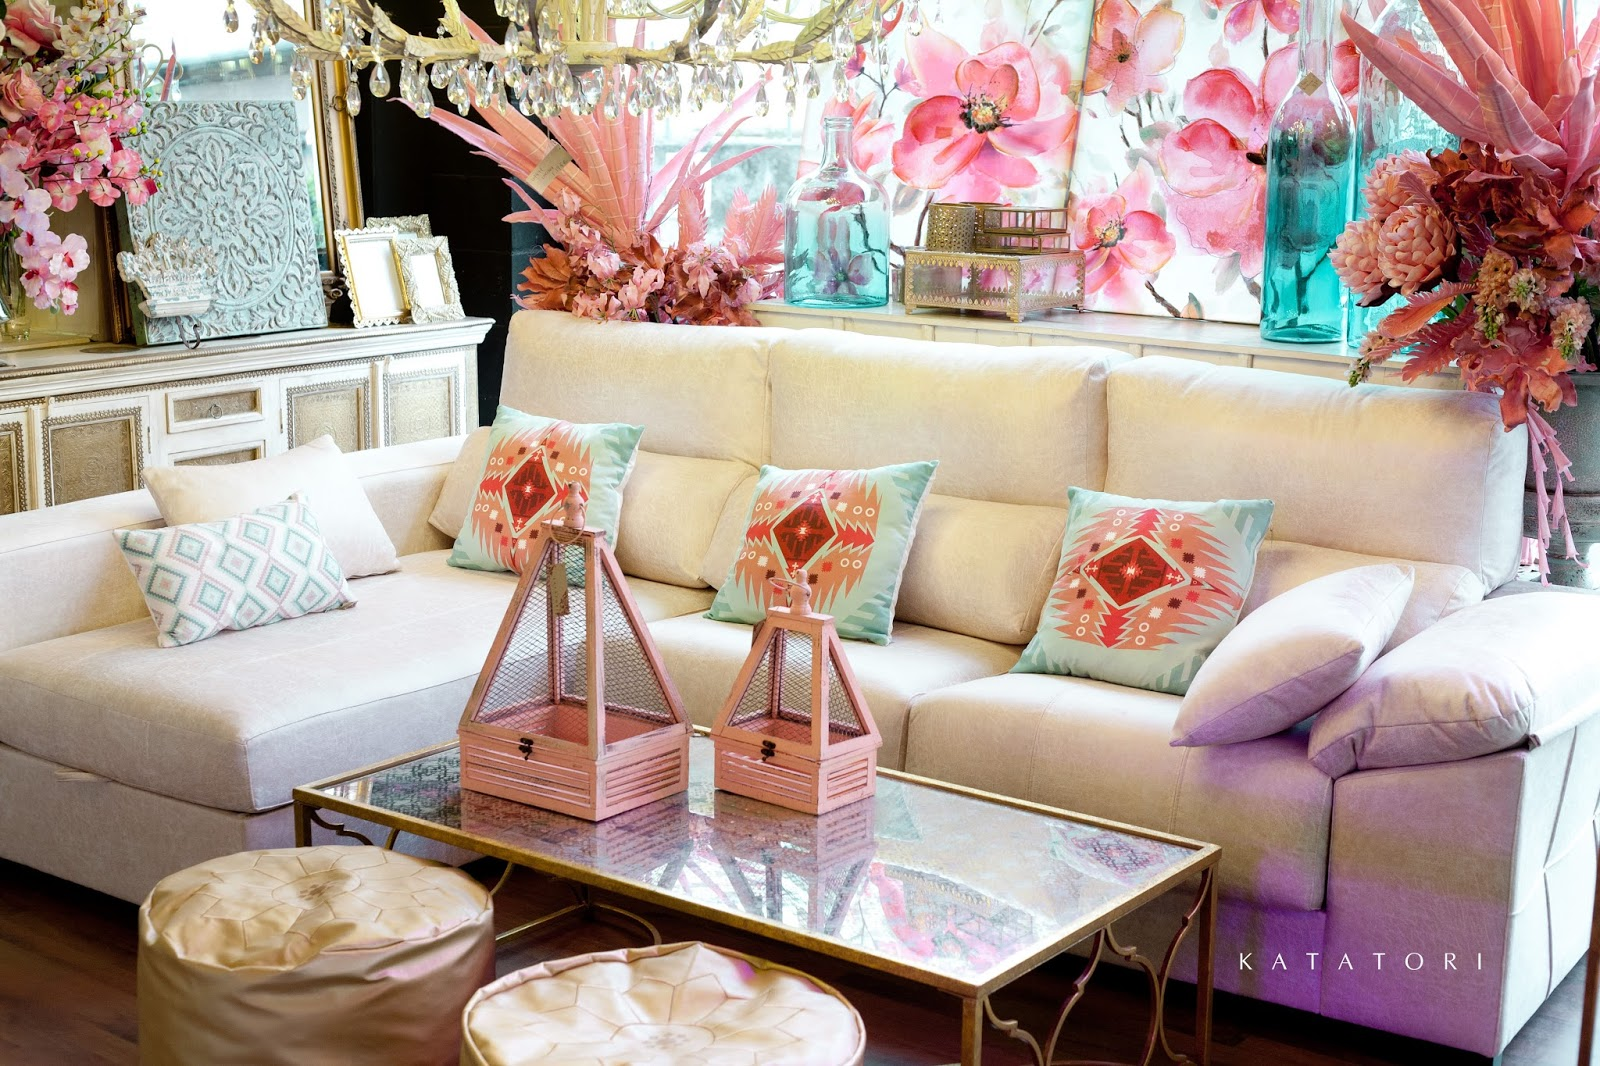 Katatori interiores dorado rosa y verde agua for Muebles poligono el manchon